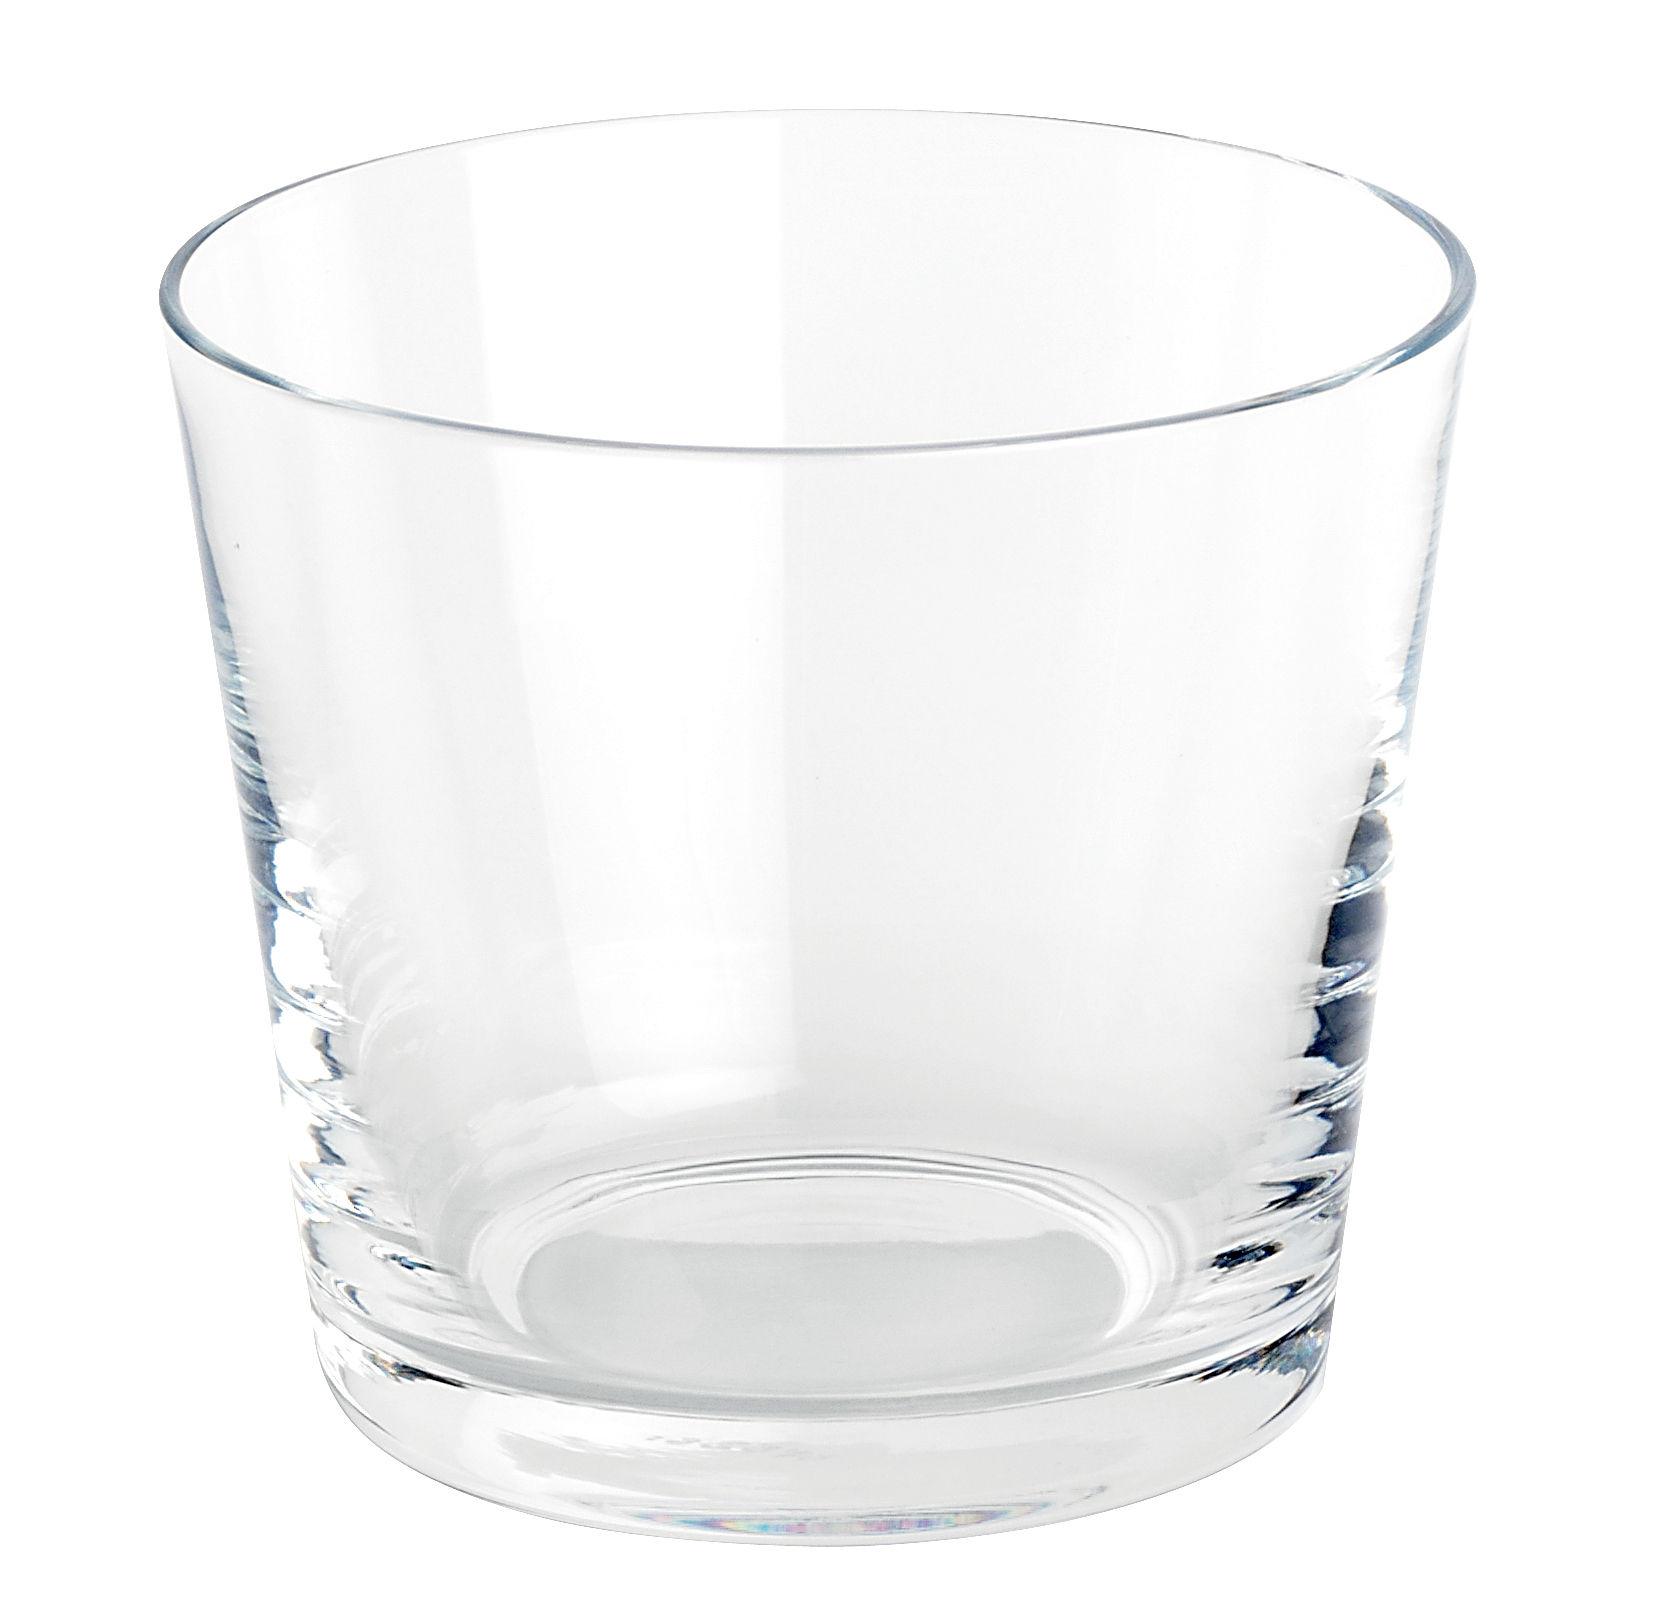 Verre eau tonale transparent alessi - Place du verre a eau sur une table ...